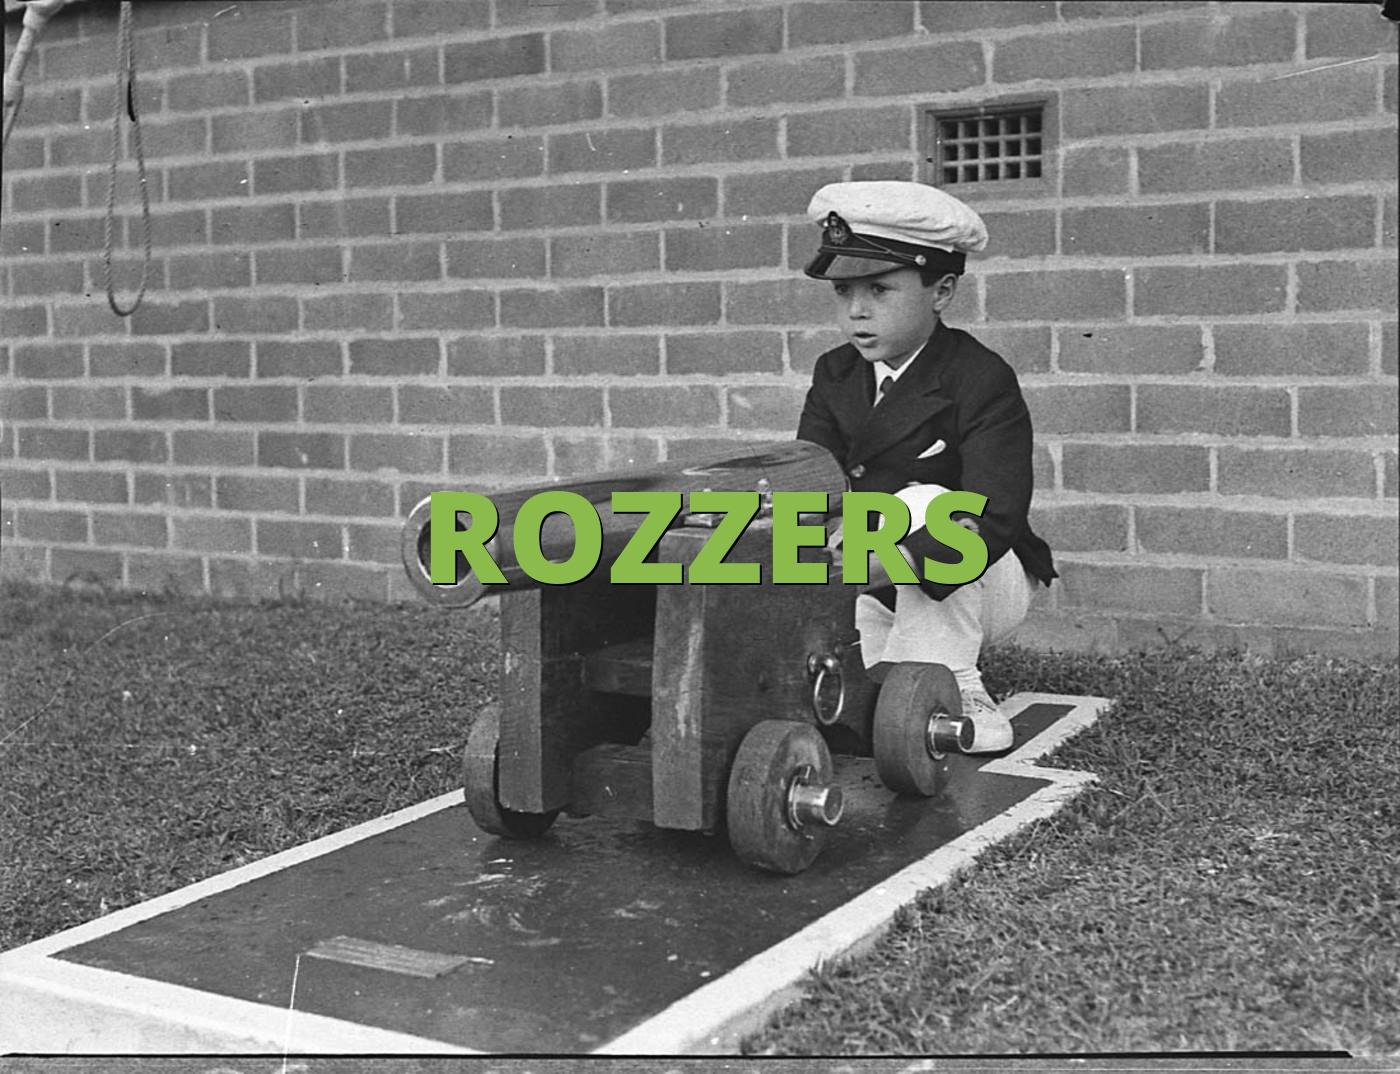 ROZZERS